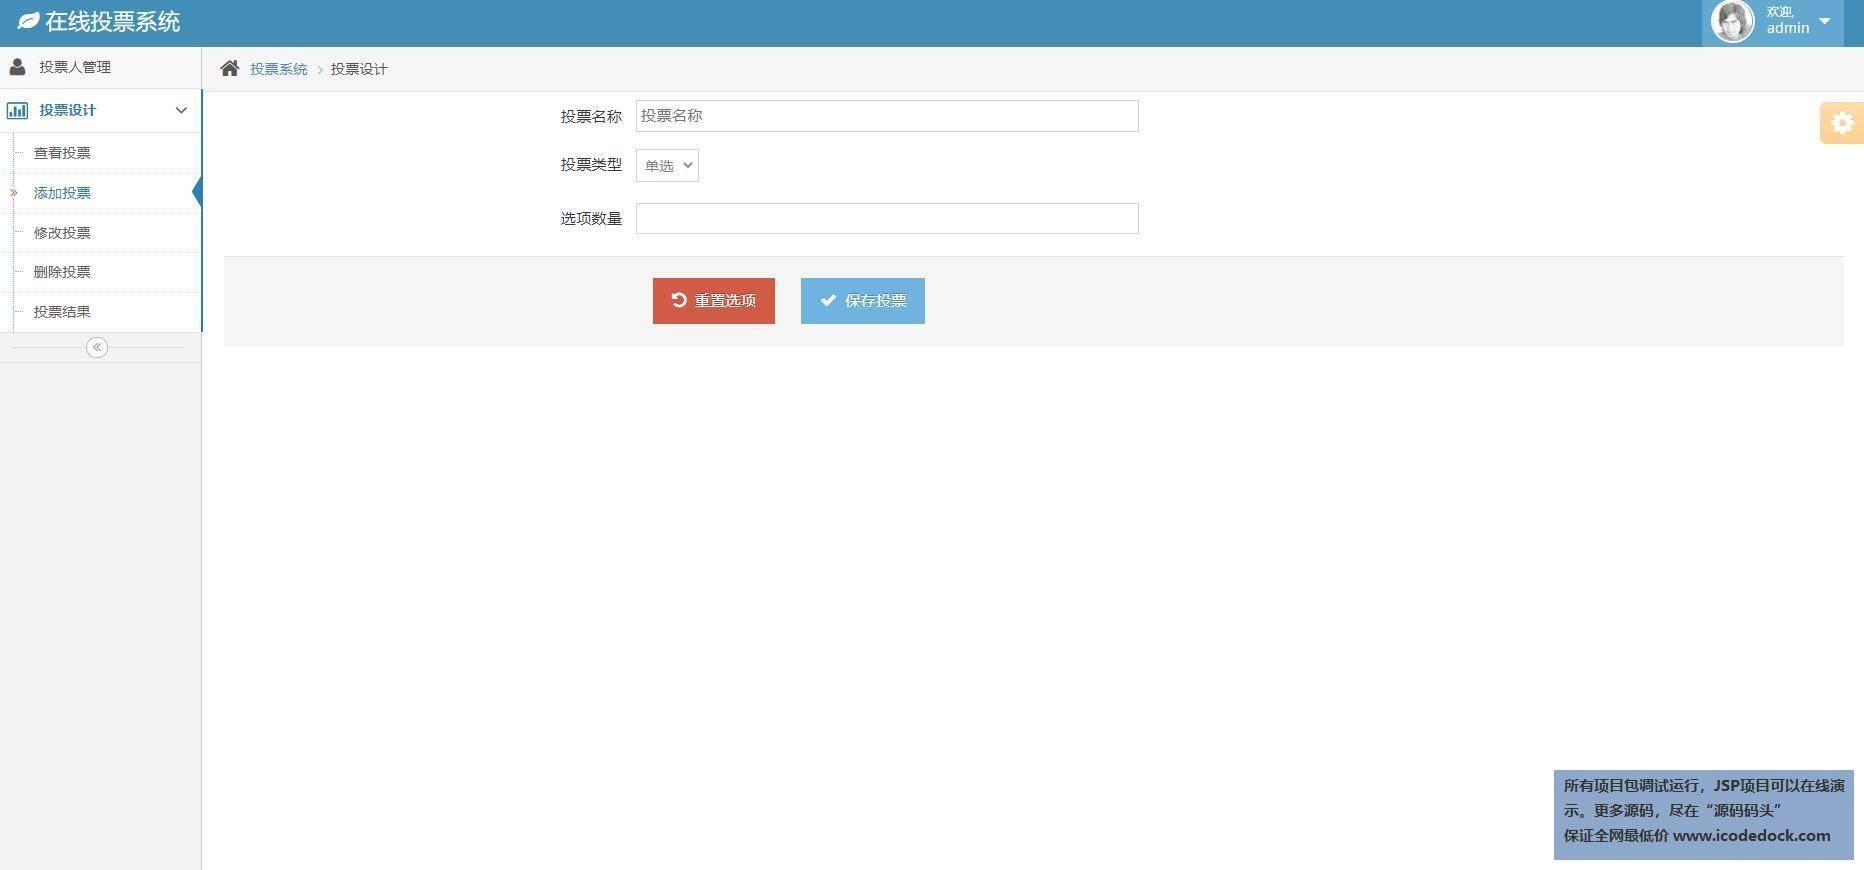 源码码头-SSH在线调查问卷管理系统-管理员角色-投票管理